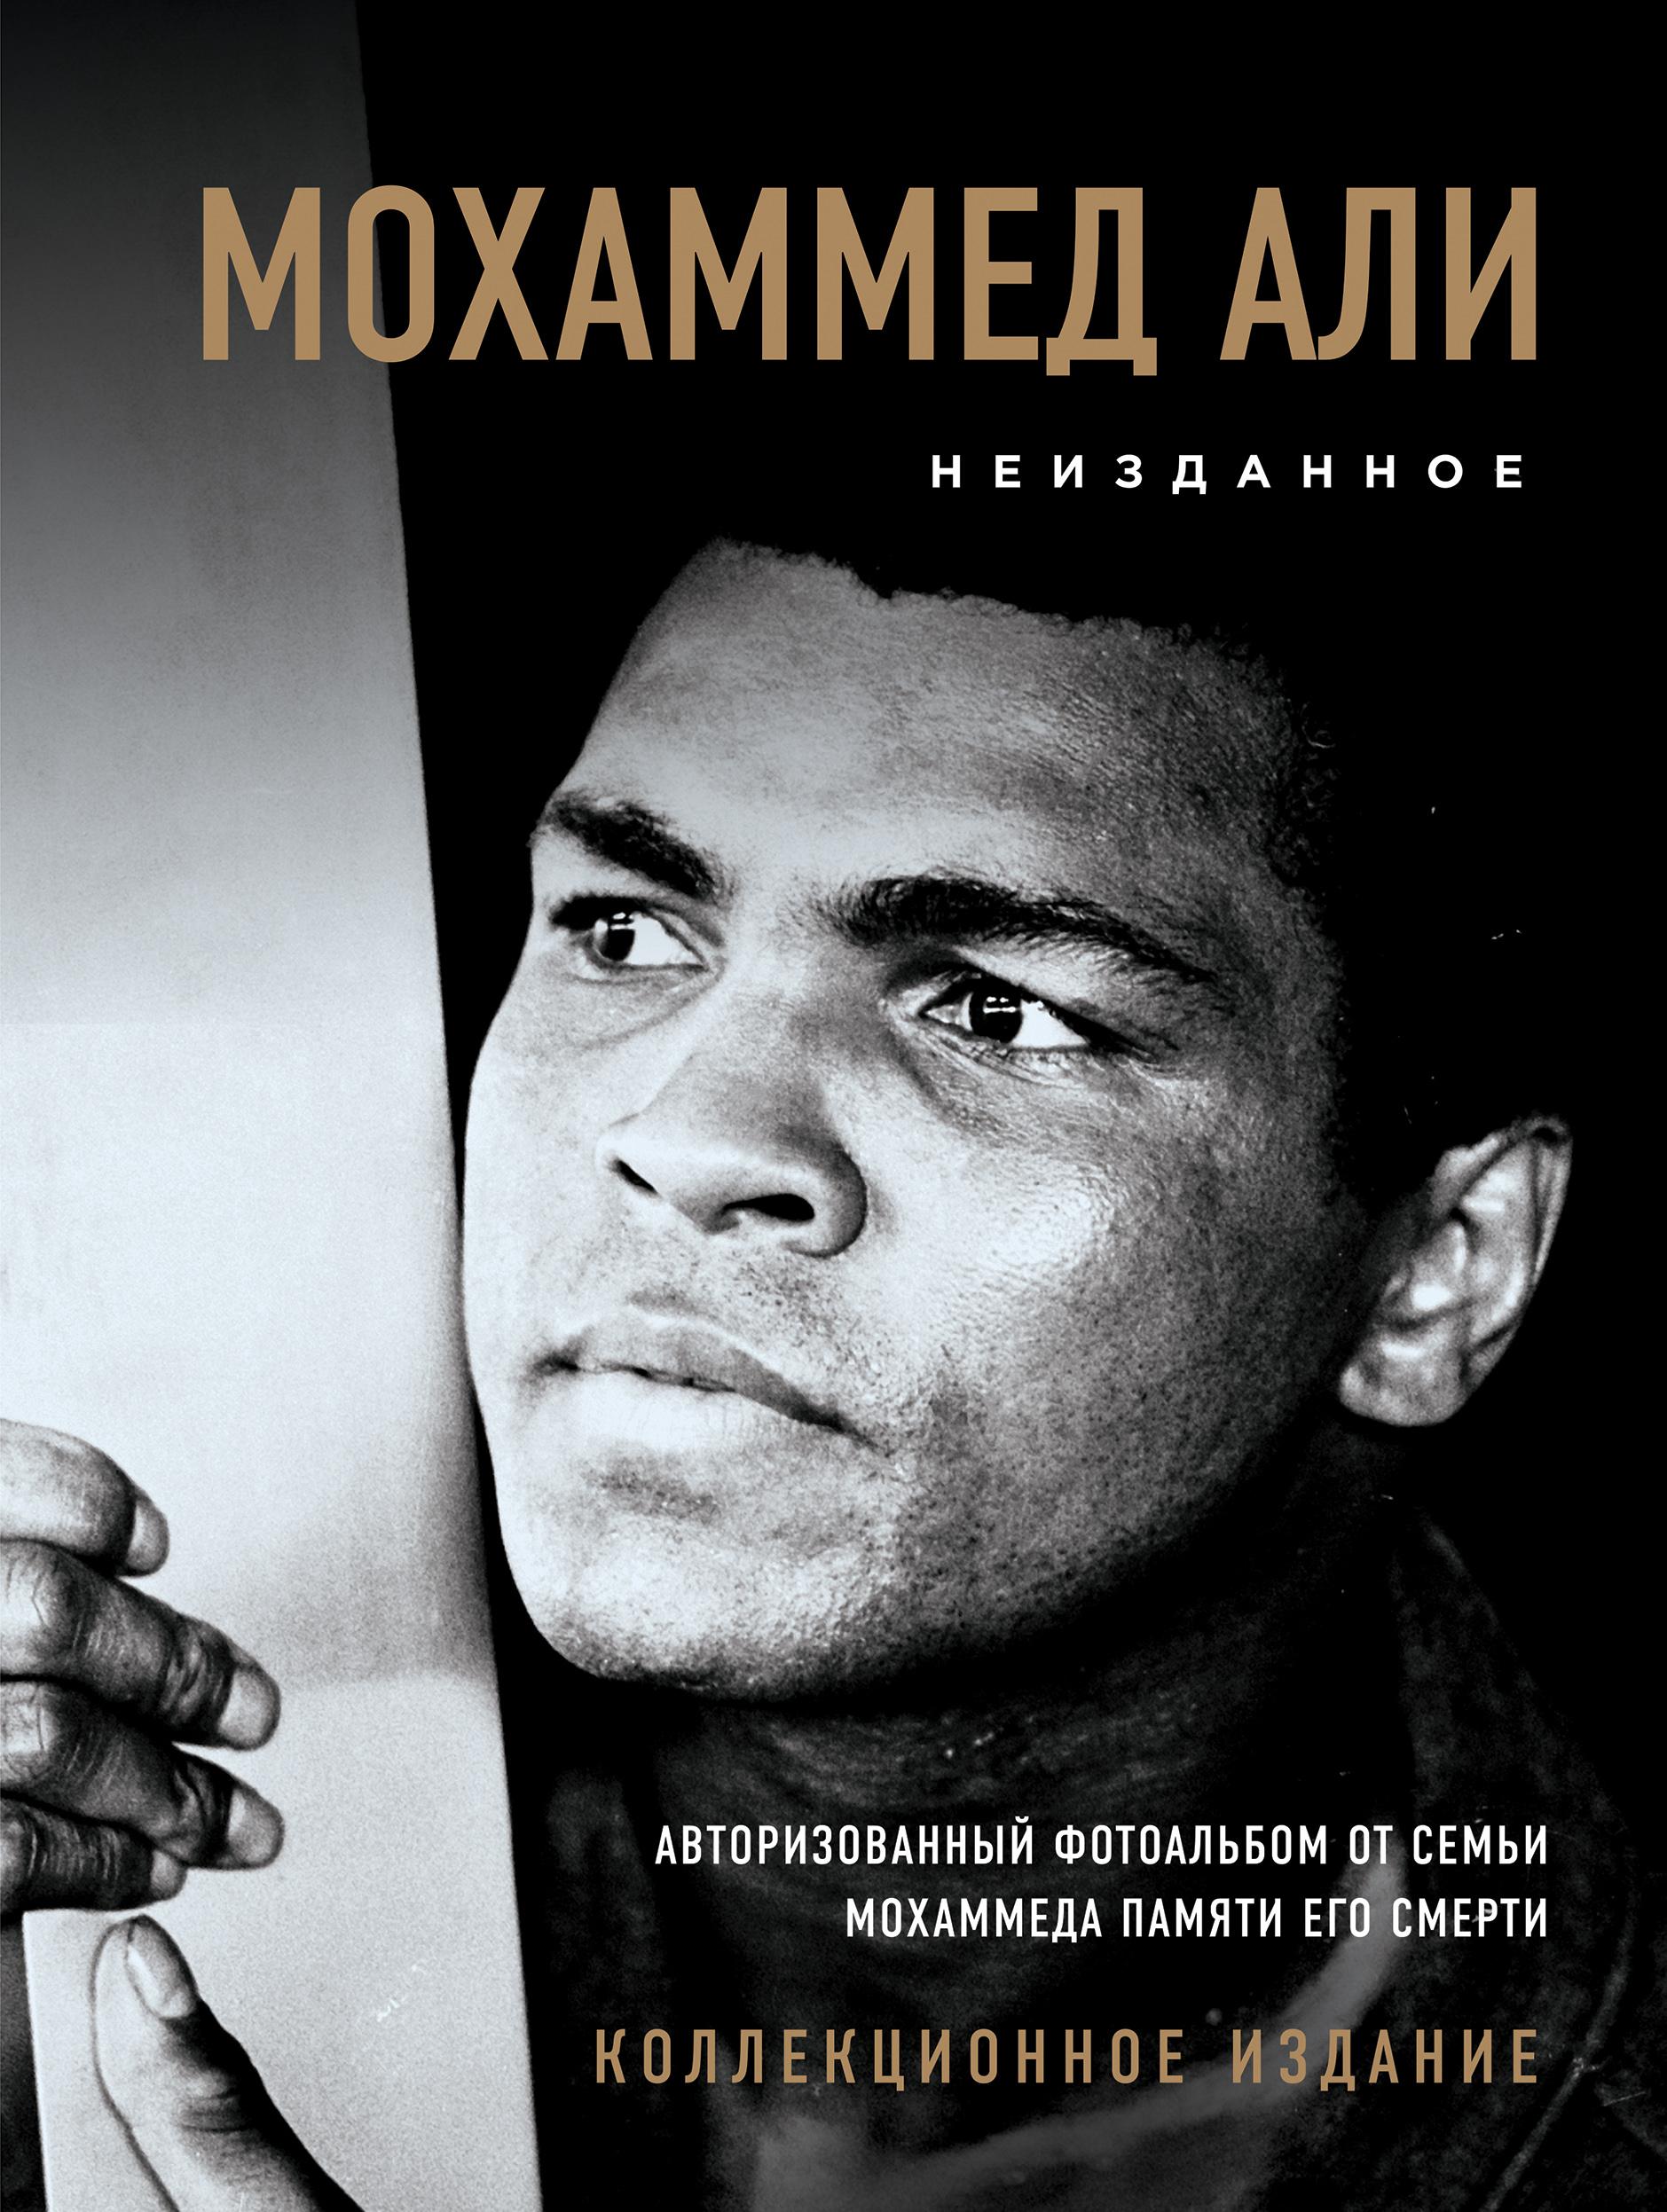 Мохаммед Али Мохаммед Али. Неизданное. Авторизованный фотоальбом от семьи Мохаммеда памяти его смерти мохаммед али мохаммед али неизданное